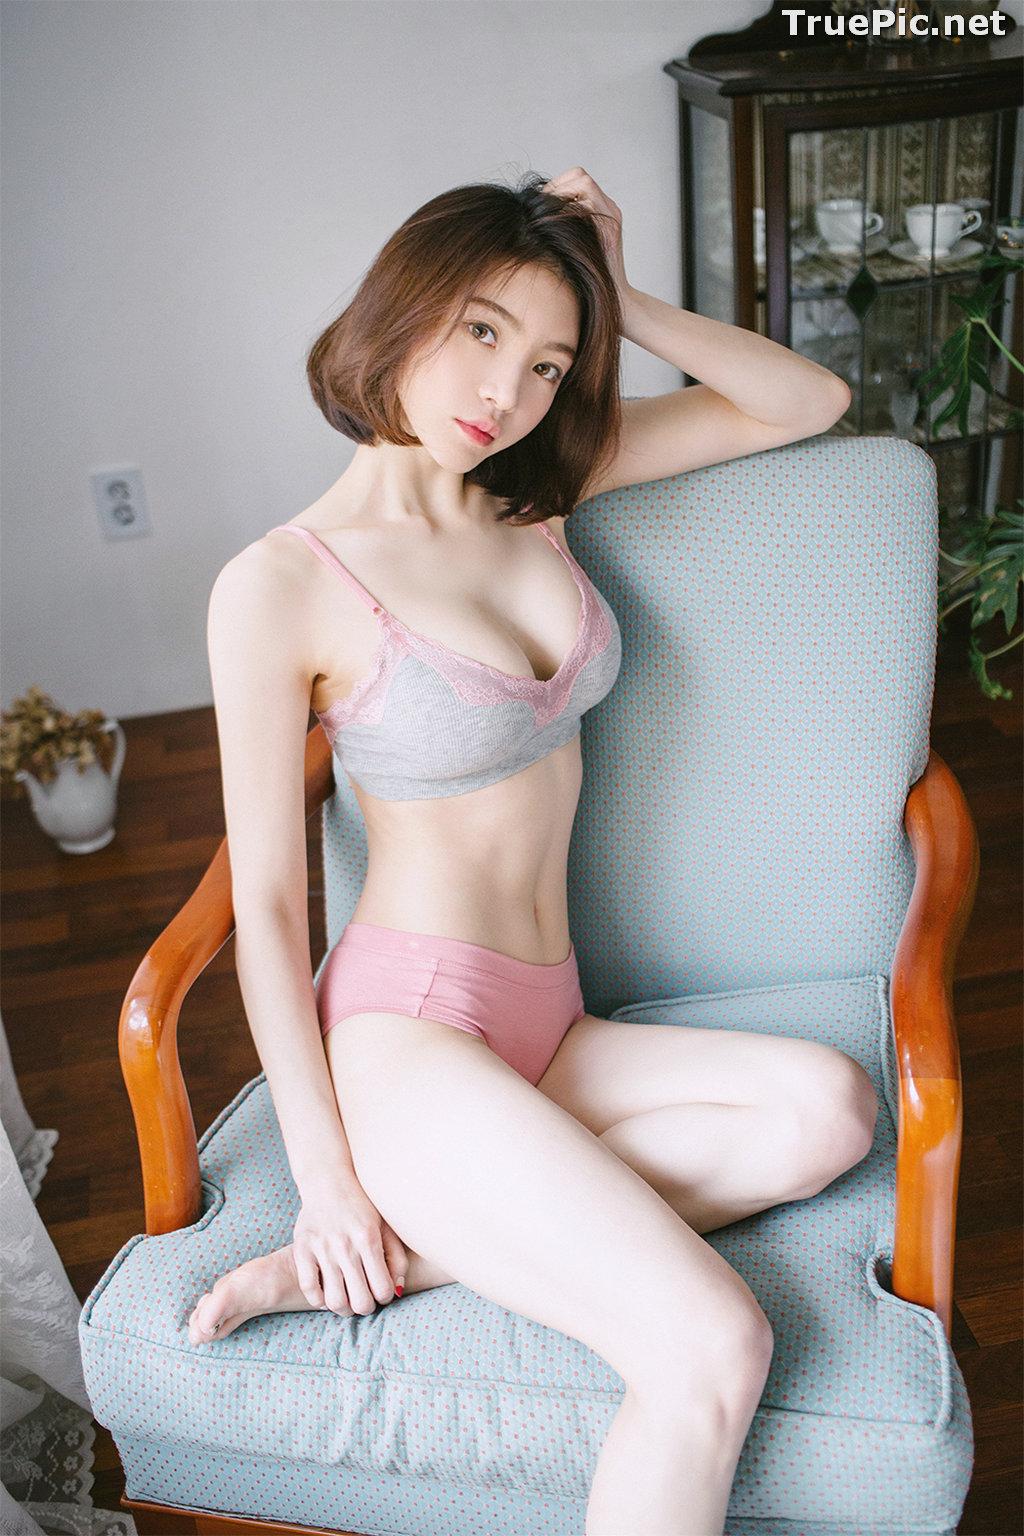 Image Korean Fashion Model - Lee Ho Sin - Laralette Gray Lingerie - TruePic.net - Picture-6